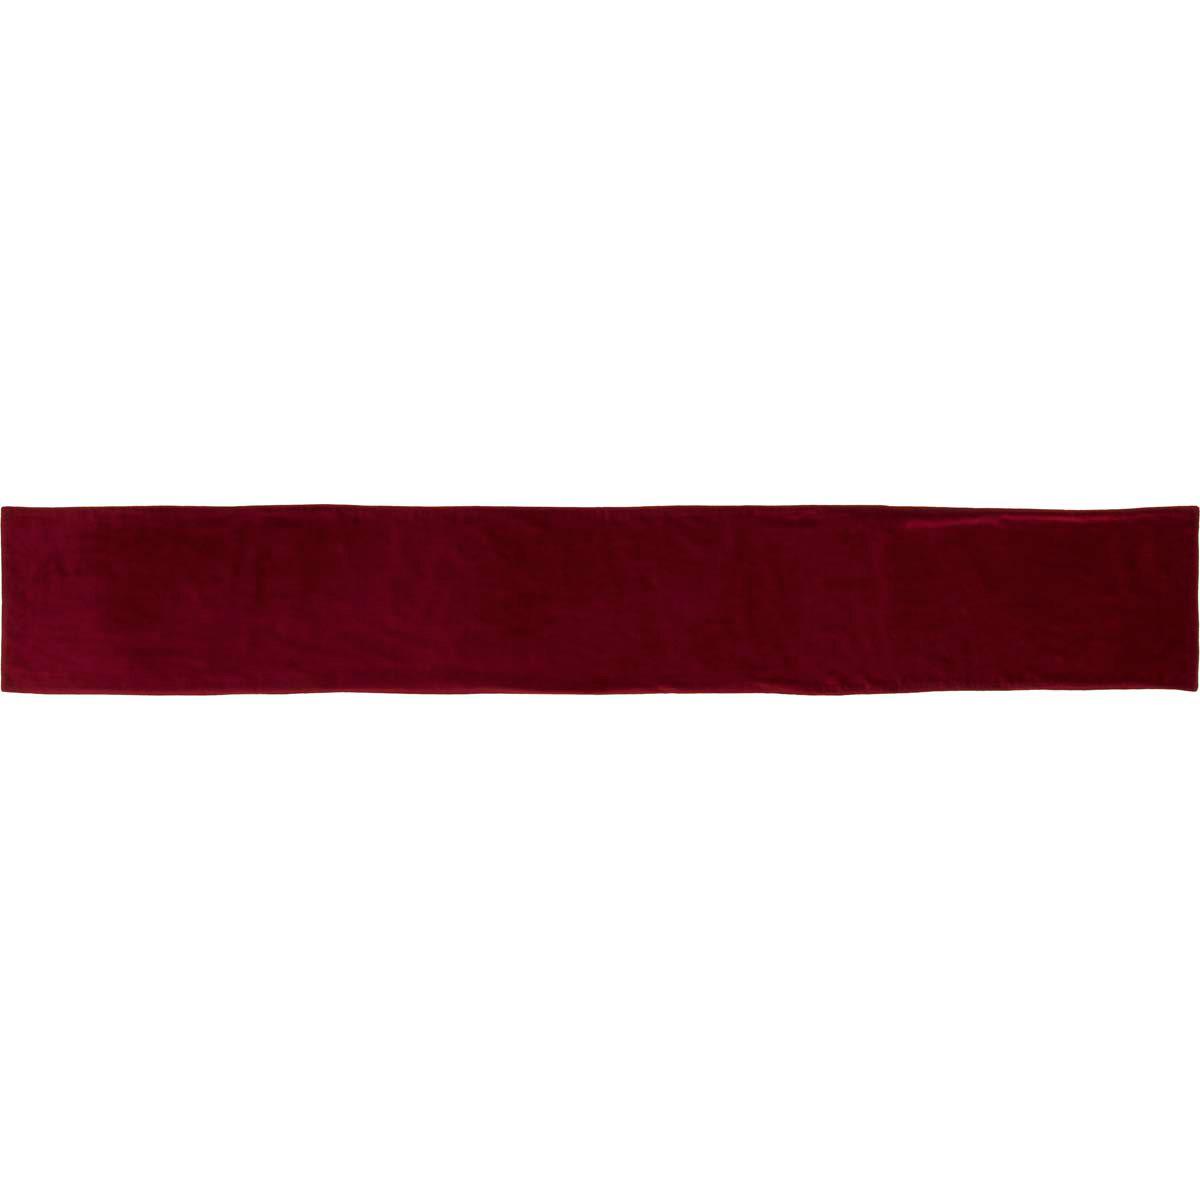 Red Velvet 90 Inch Table Runner, By VHC Brands.